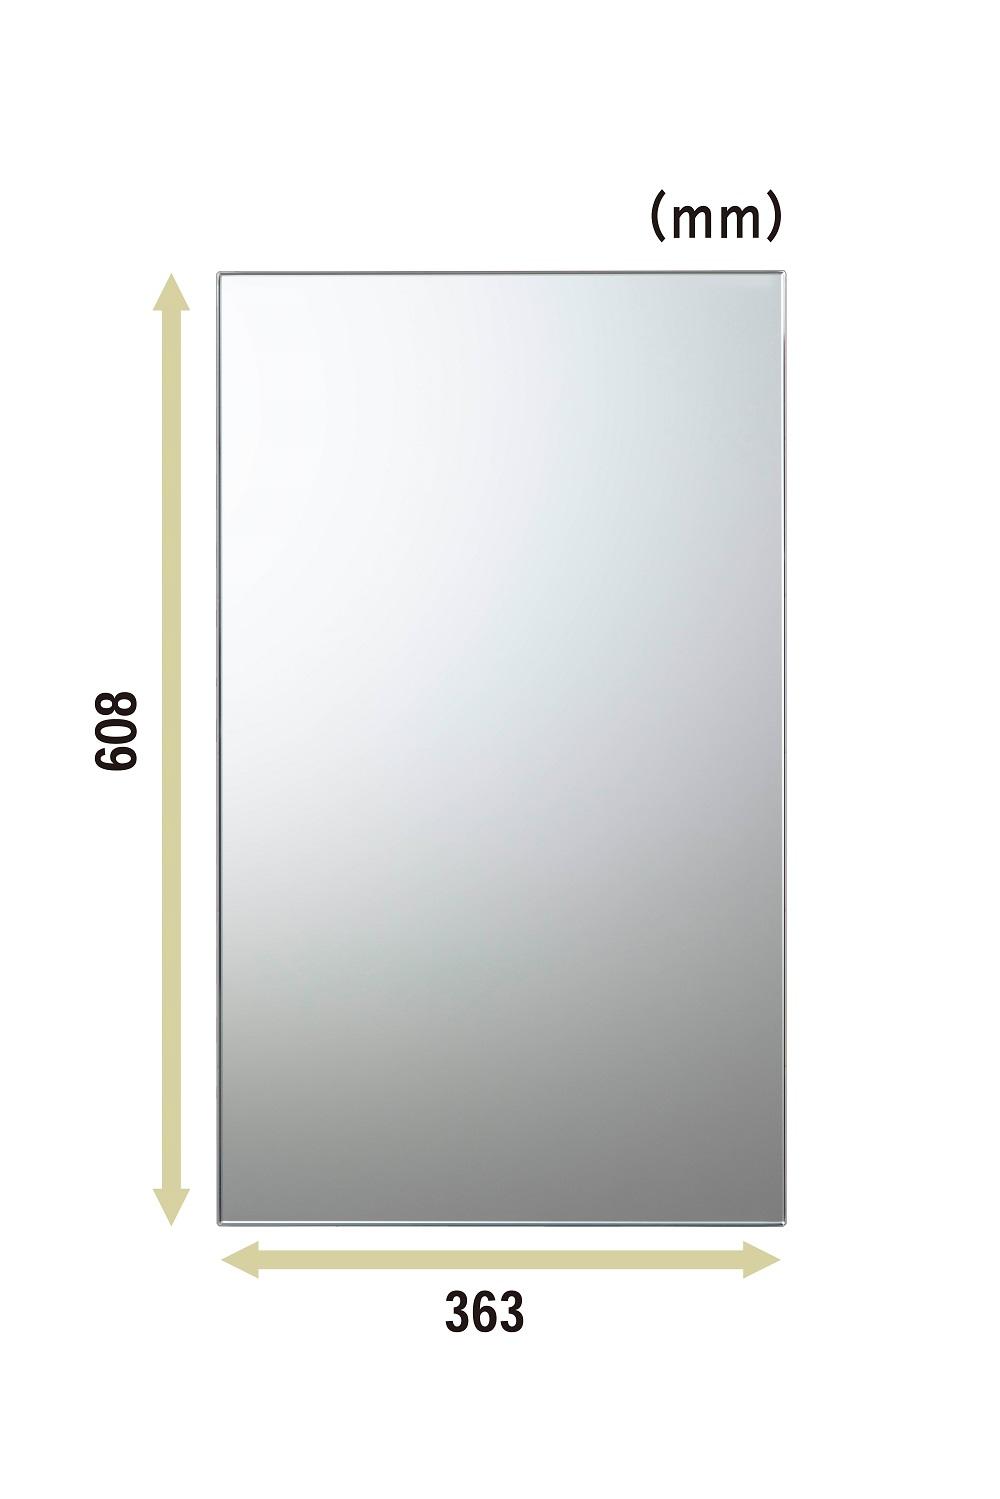 【送料無料】日本製 汚れた浴室の鏡を交換しませんか?交換用鏡 N-7  608×363mm